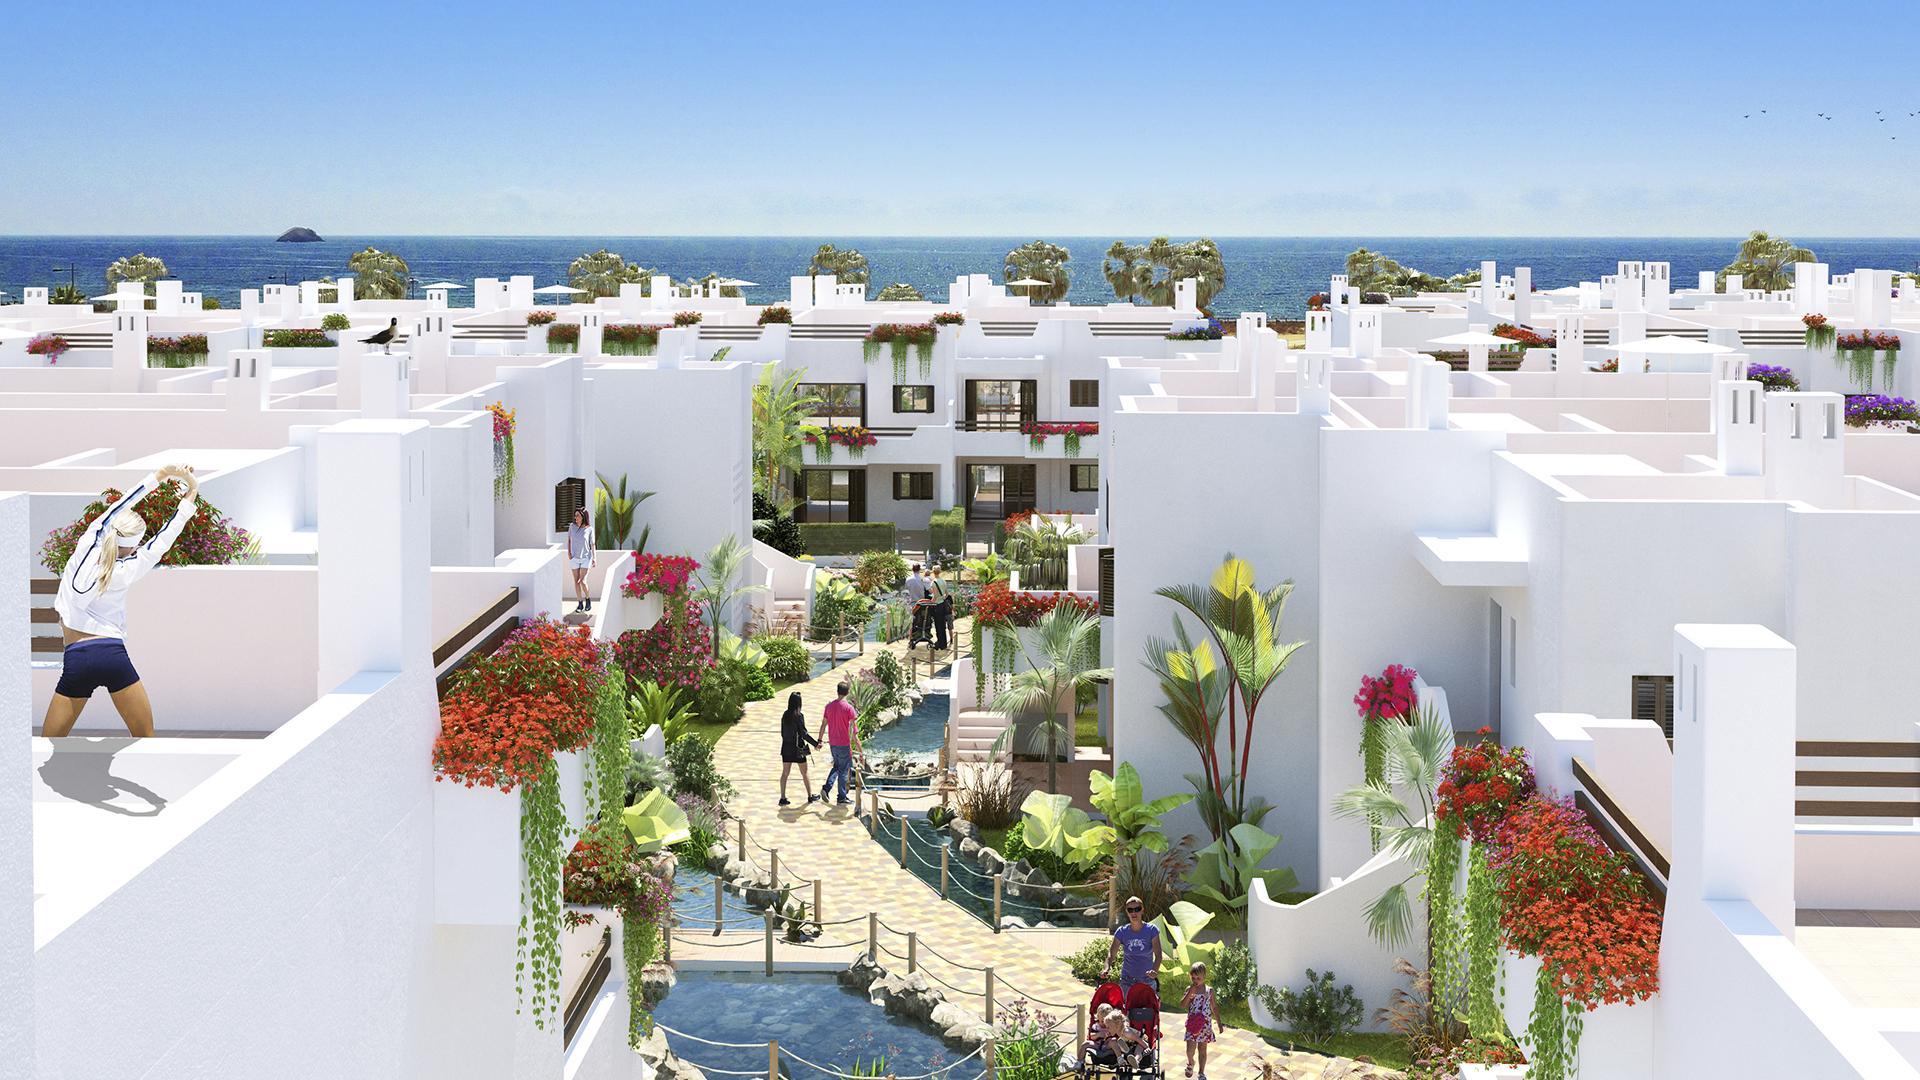 Appartement 1ste lijn aan zee Mar de Pulpi - fase 6 in Medvilla Spanje